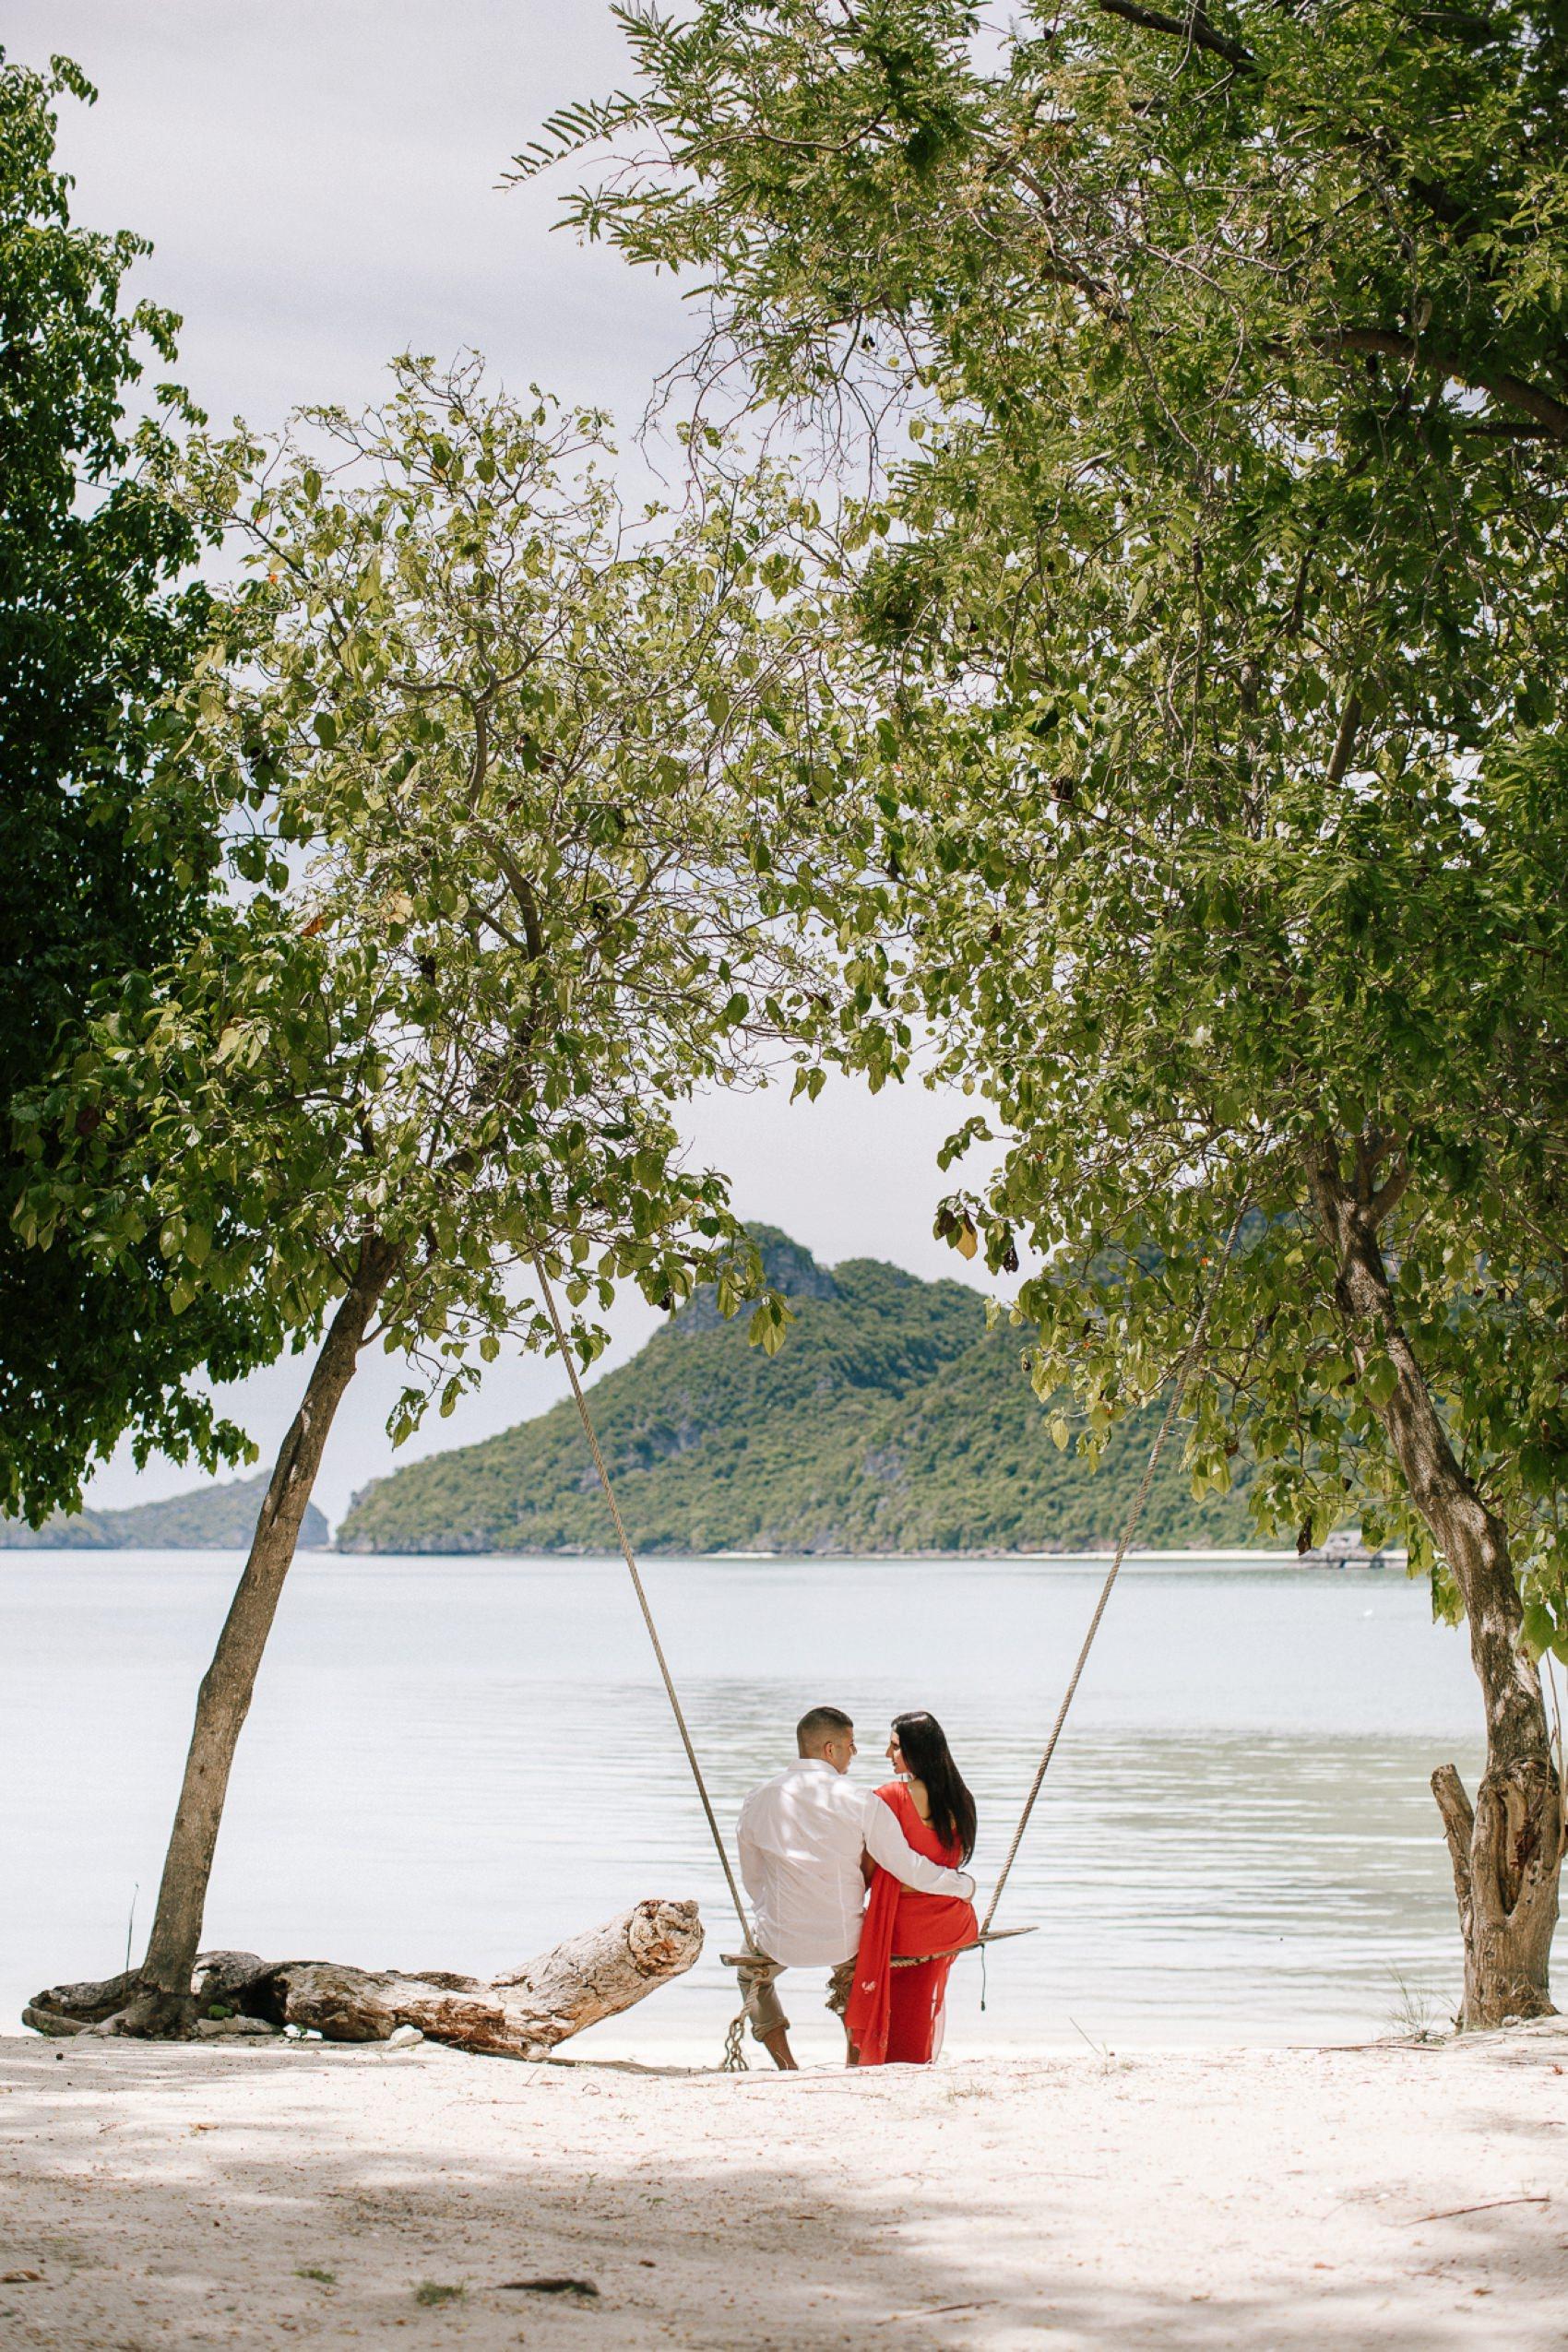 Indian-Wedding-Photography-Maala-Rohan_0004